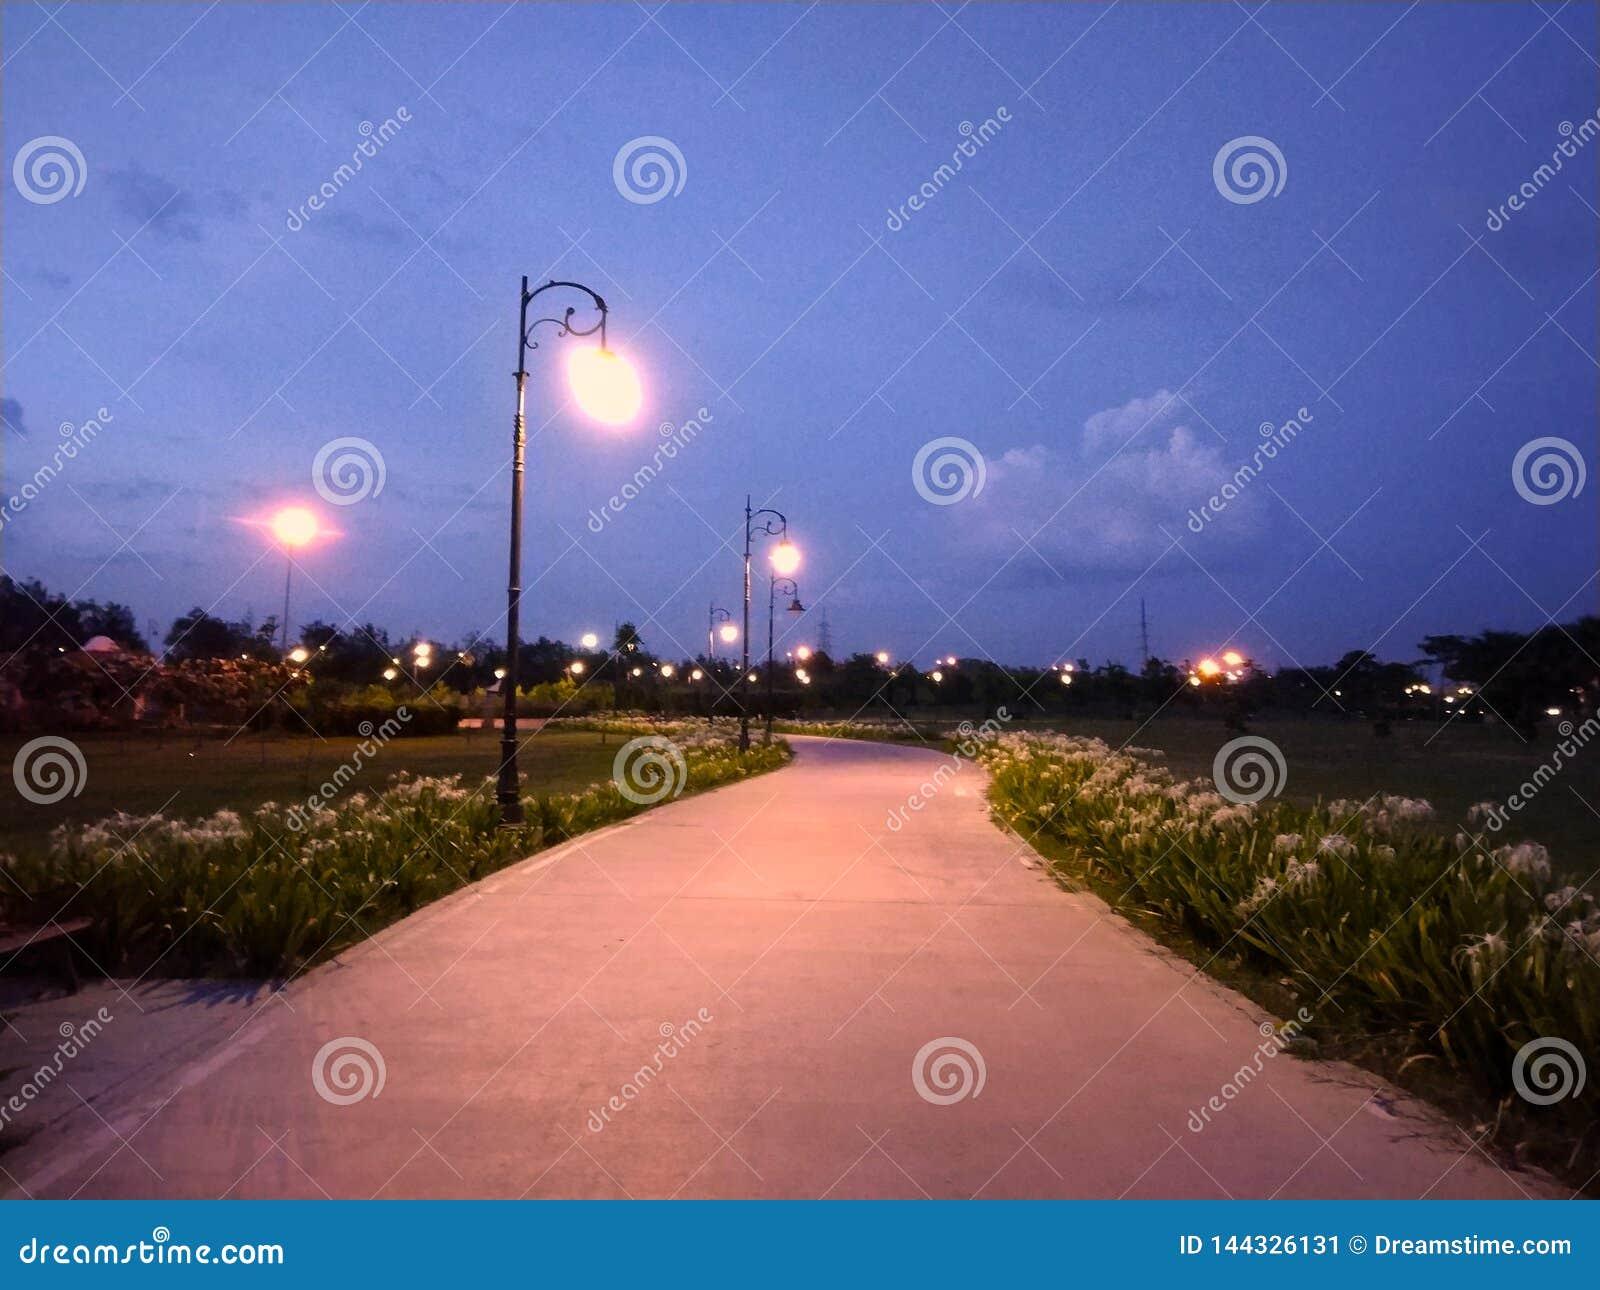 Plenerowy park z latarni ulicznej i ścieżki sposobem